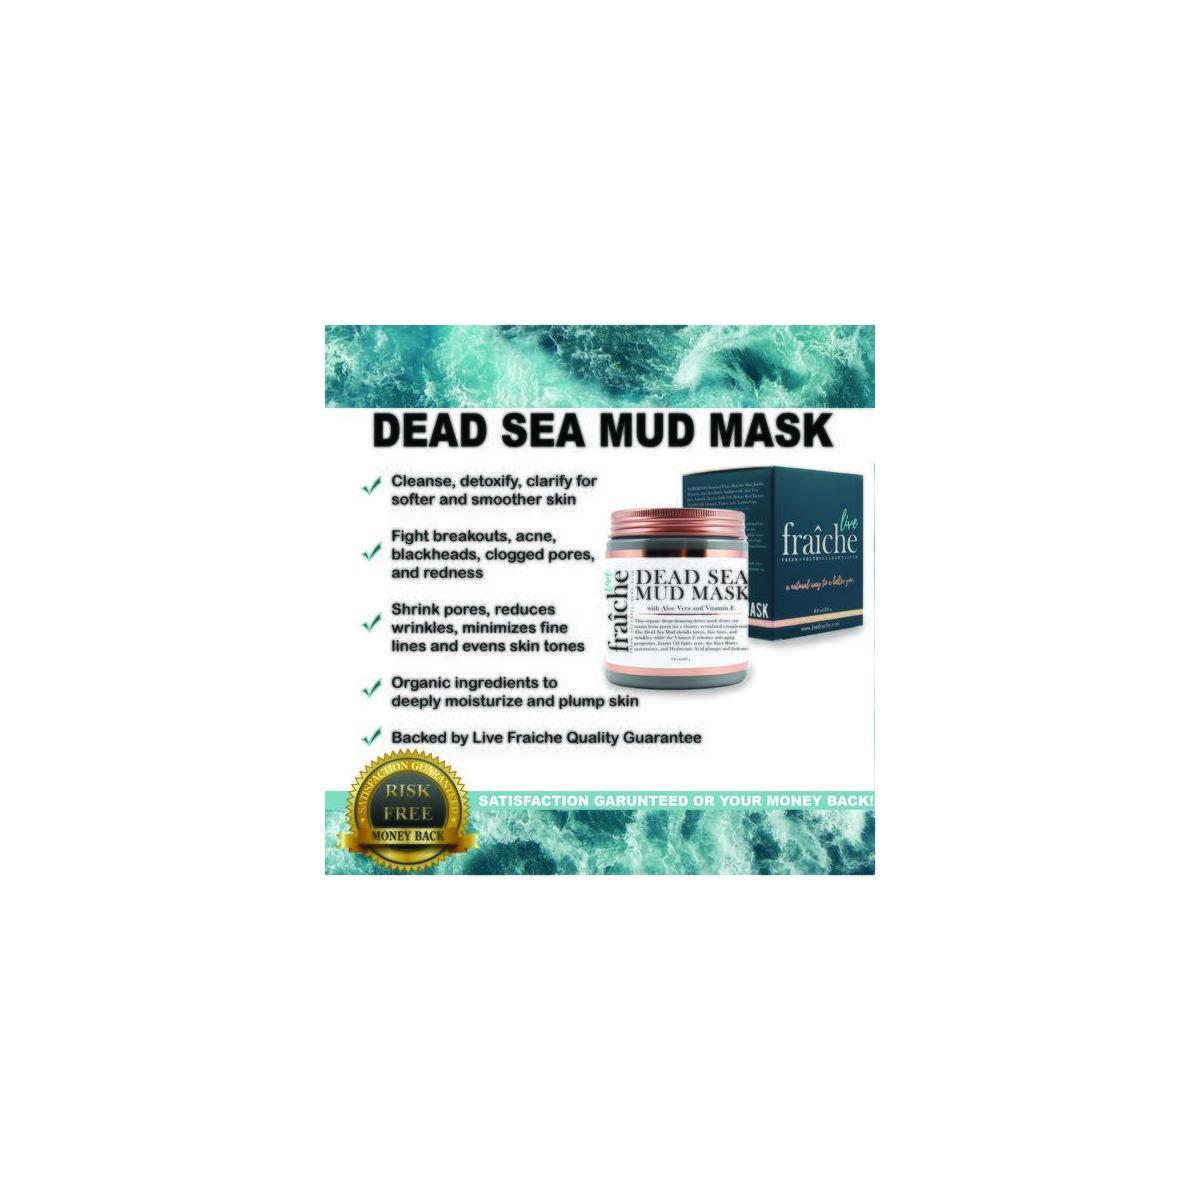 Live Fraiche Hydrating Dead Sea Mud Mask